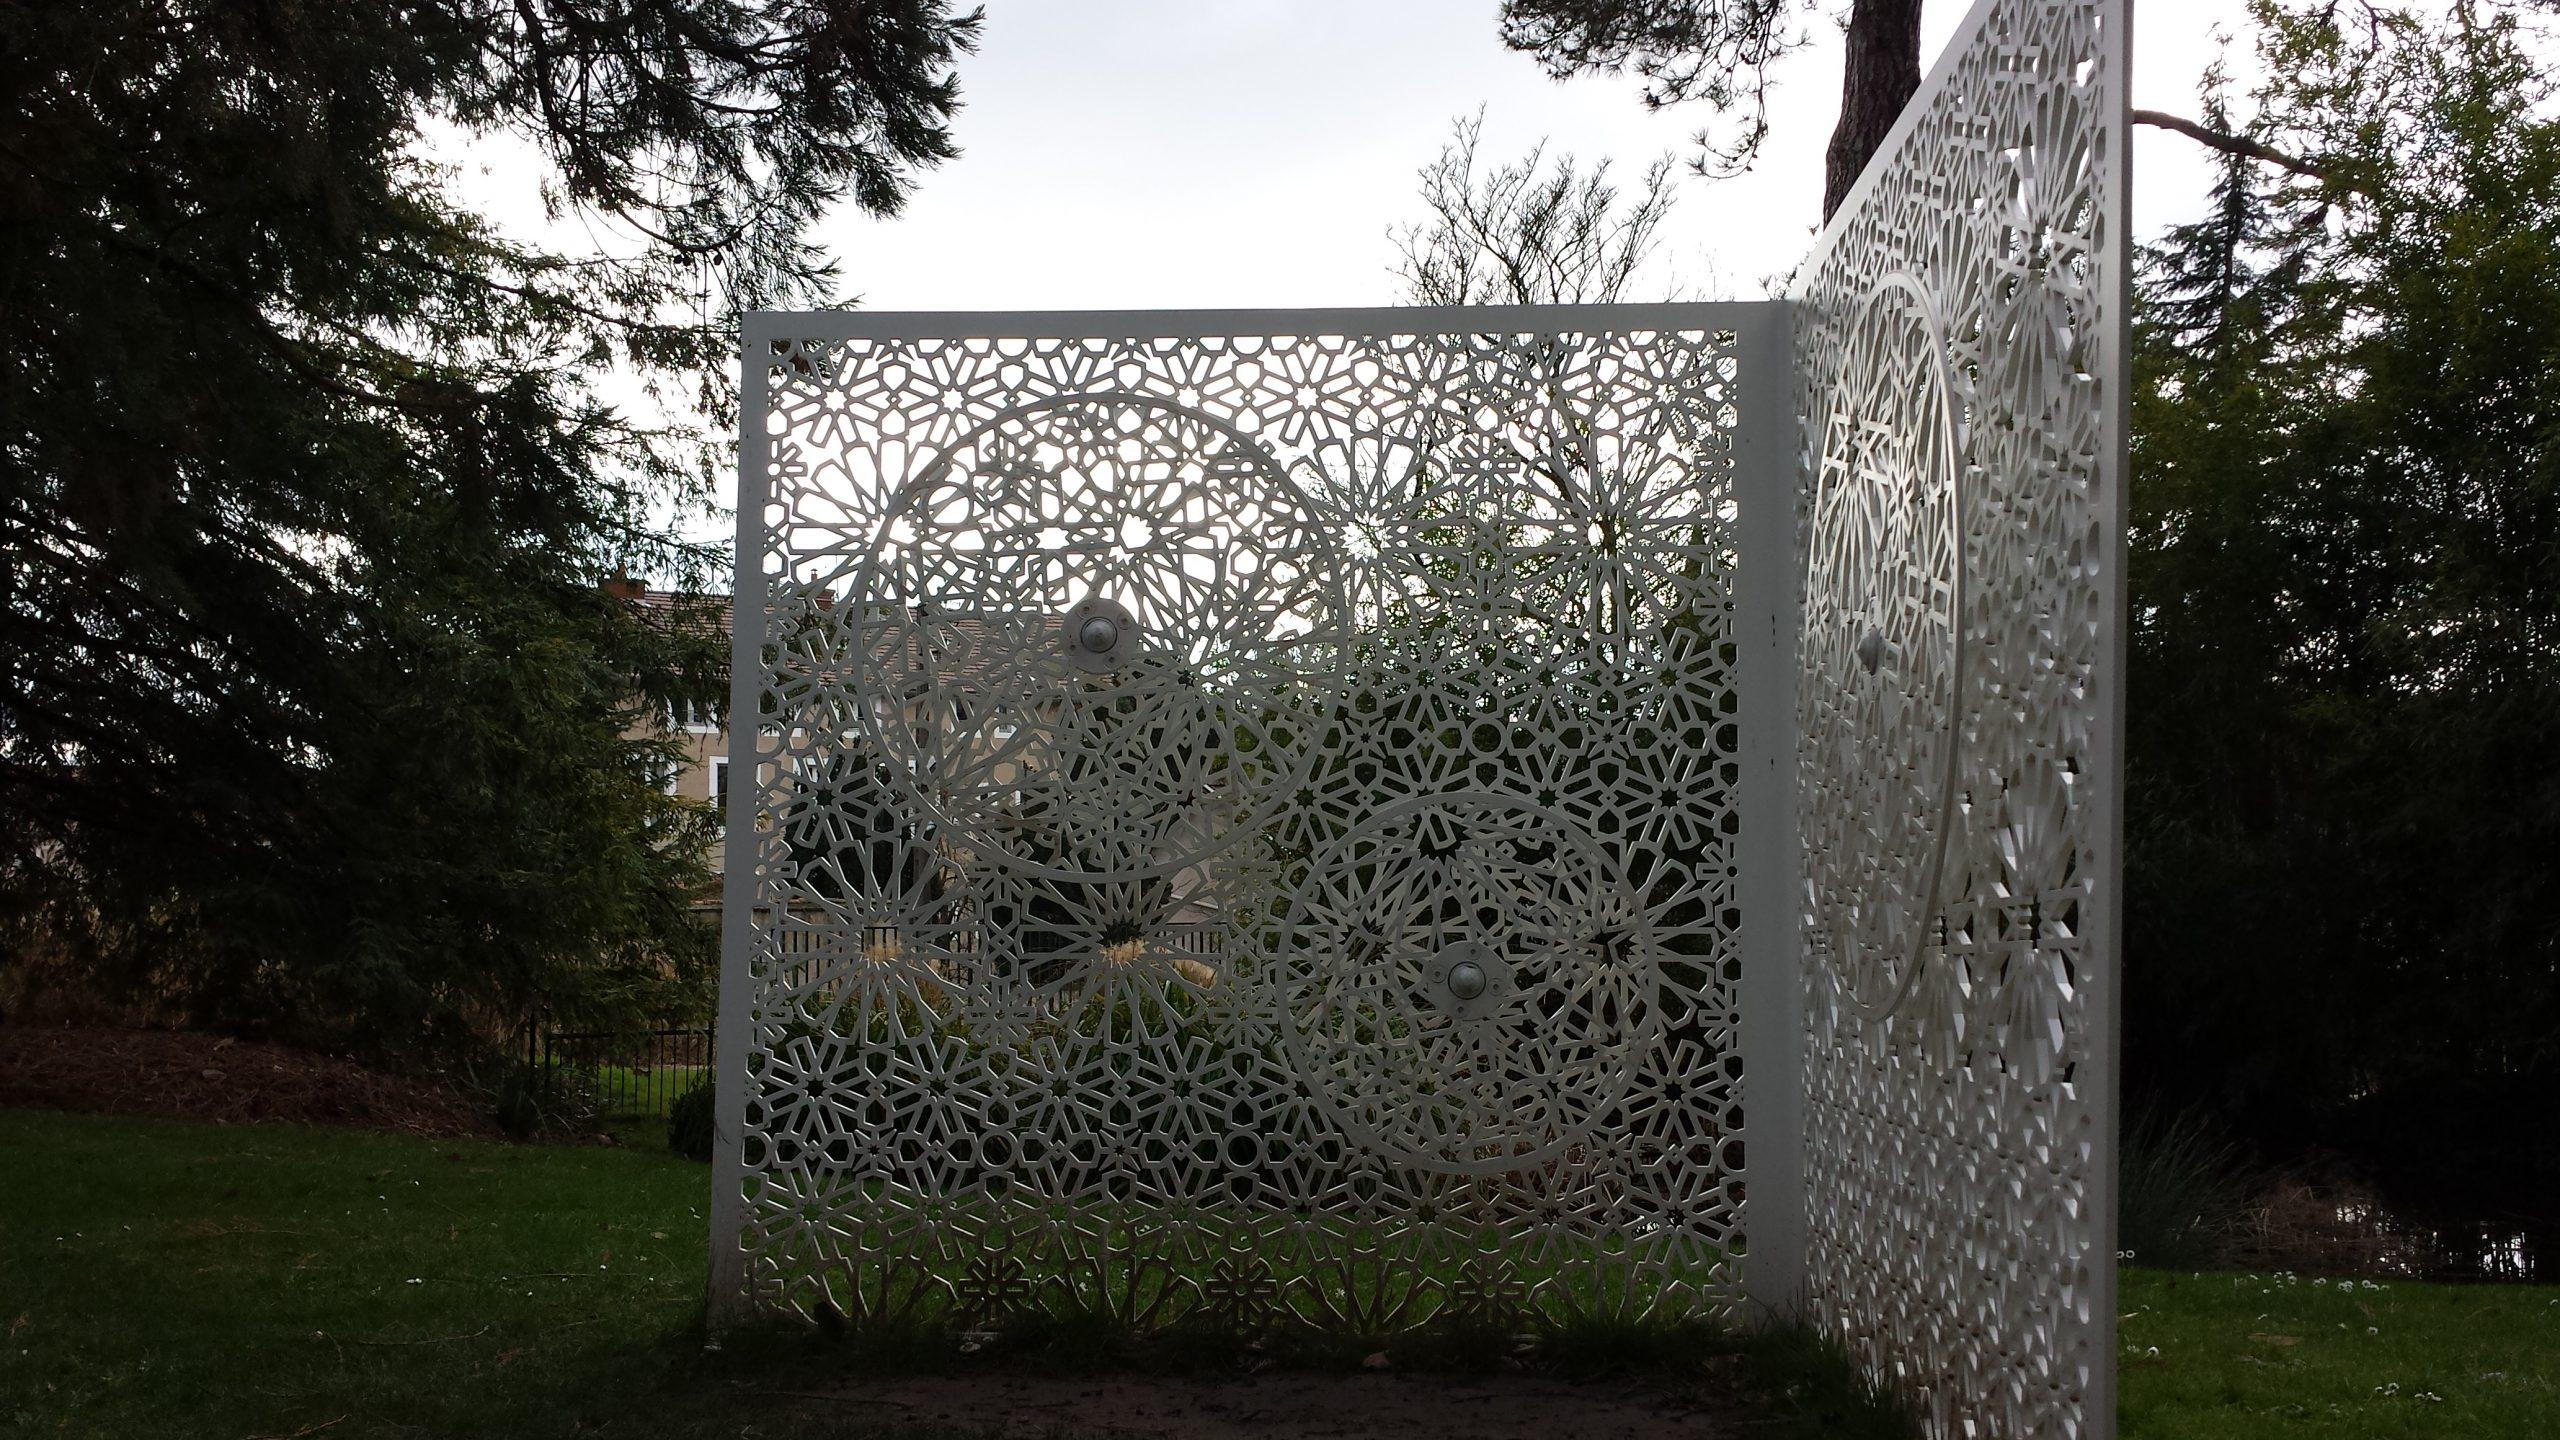 Claustra Pour Terrasse : Les Claustras D'extérieur Allure Et ... destiné Claustra Pour Jardin